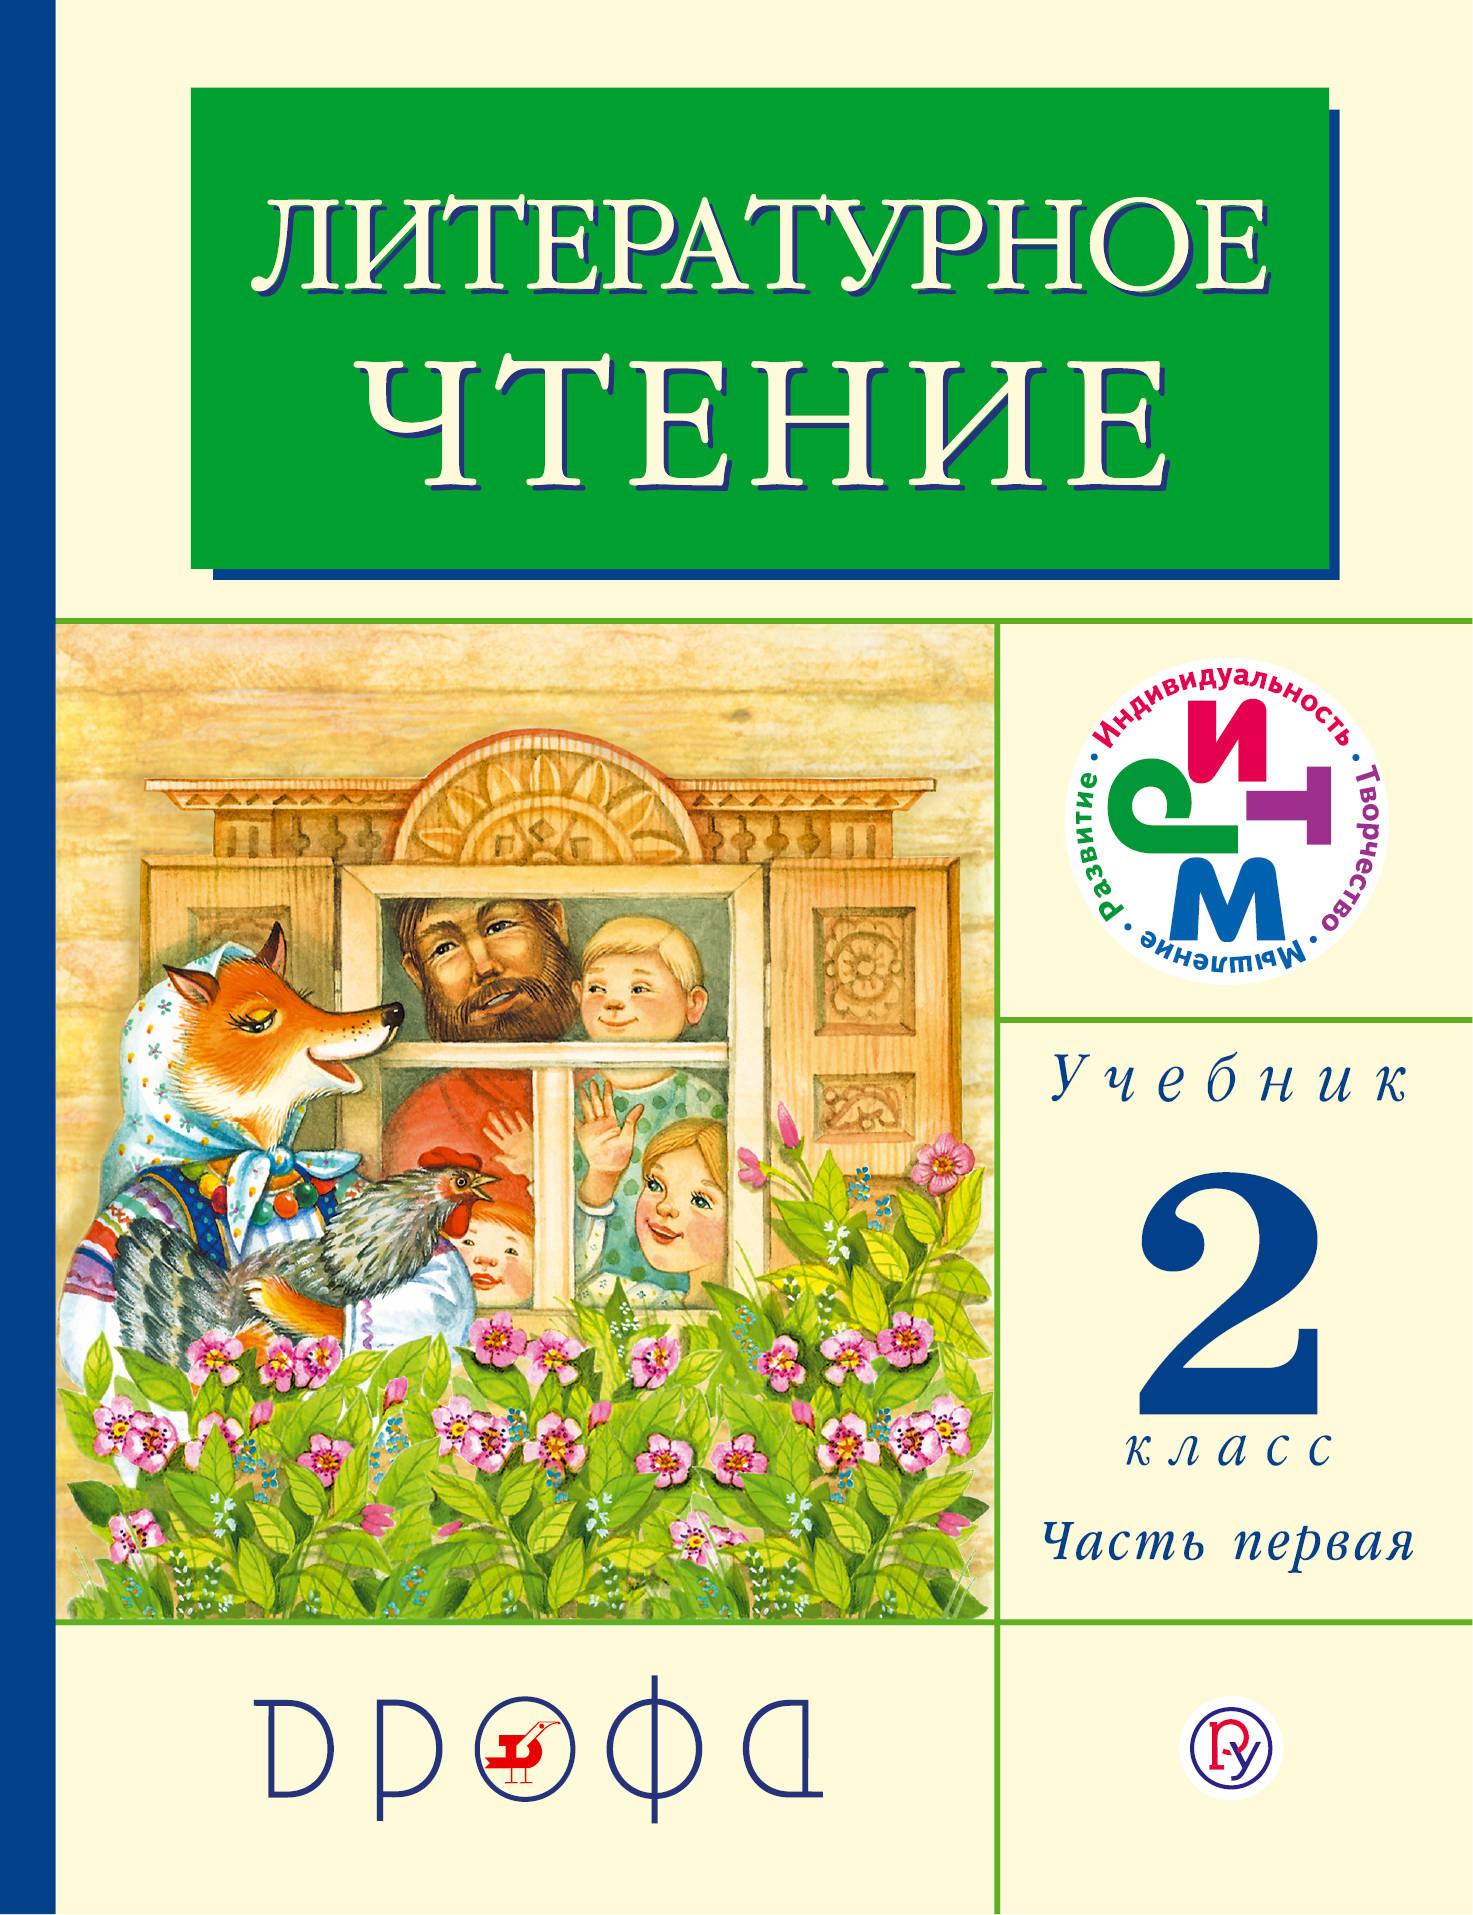 Г. М. Грехнева, К. Е. Корепова Литературное чтение. 2 класс. Учебник. В 2 частях. Часть 1 г м грехнева к е корепова литературное чтение 4 класс учебник в 3 частях часть 2